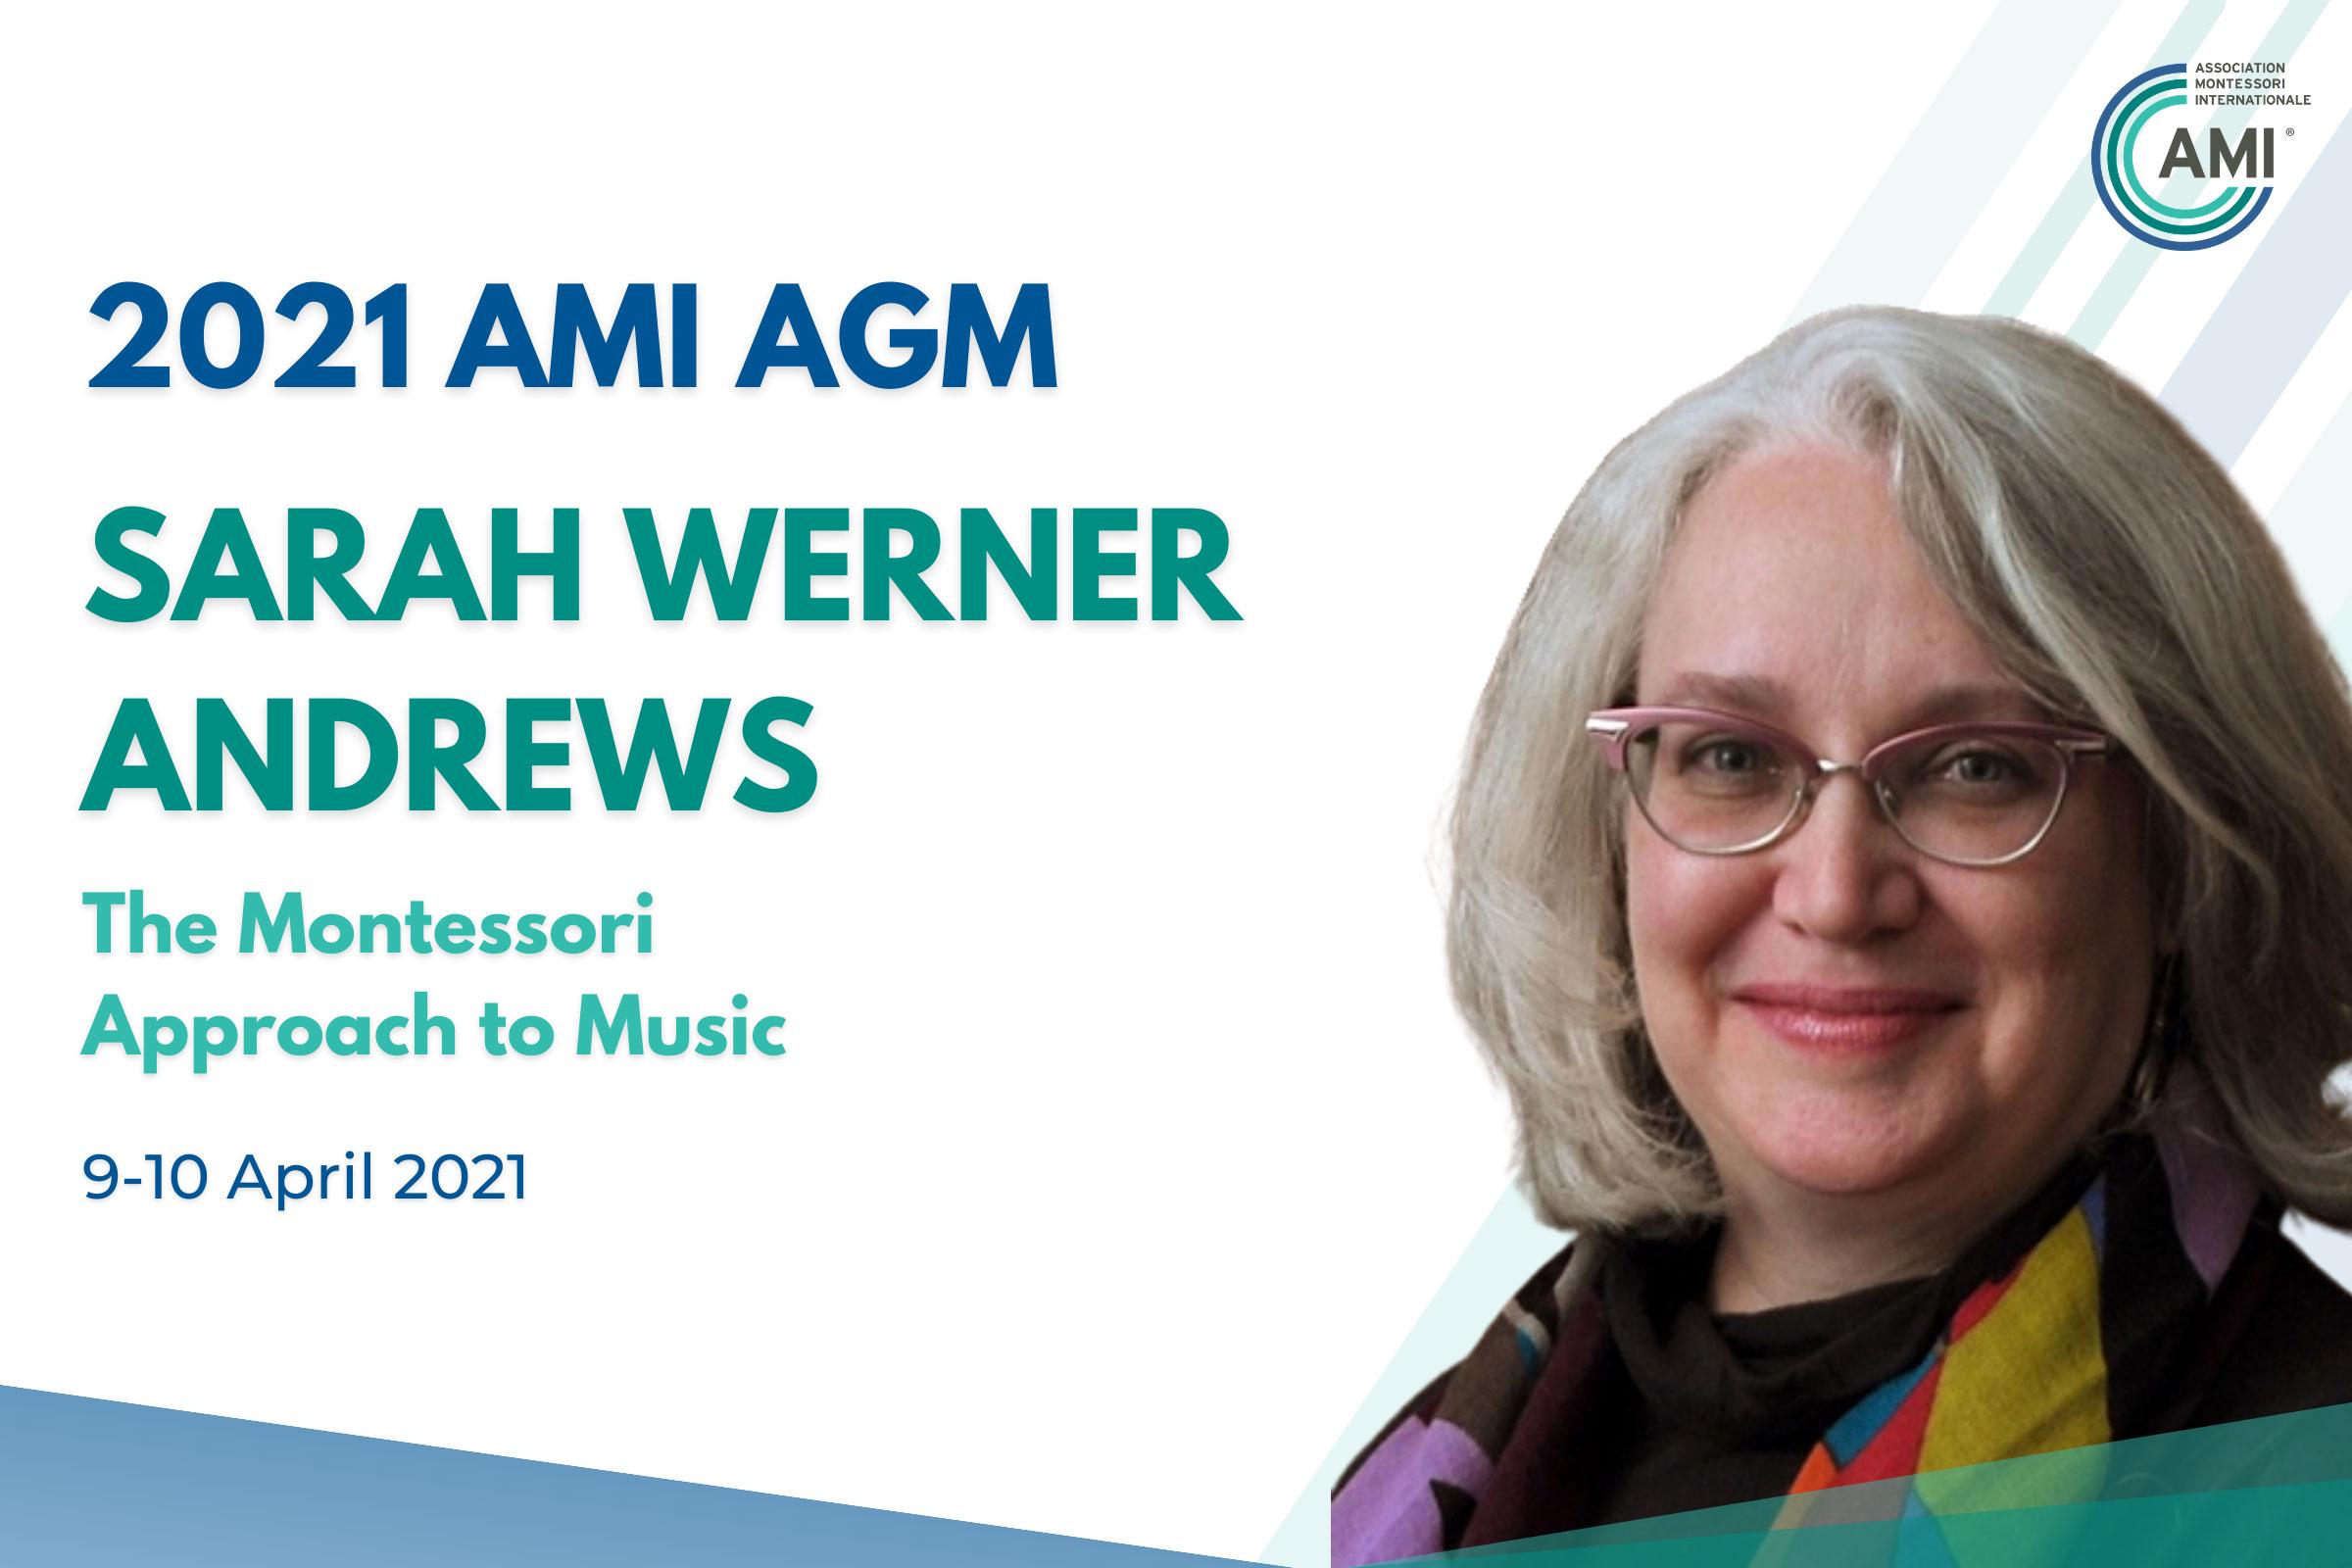 AMI AGM Speaker Sarah Werner Andrews